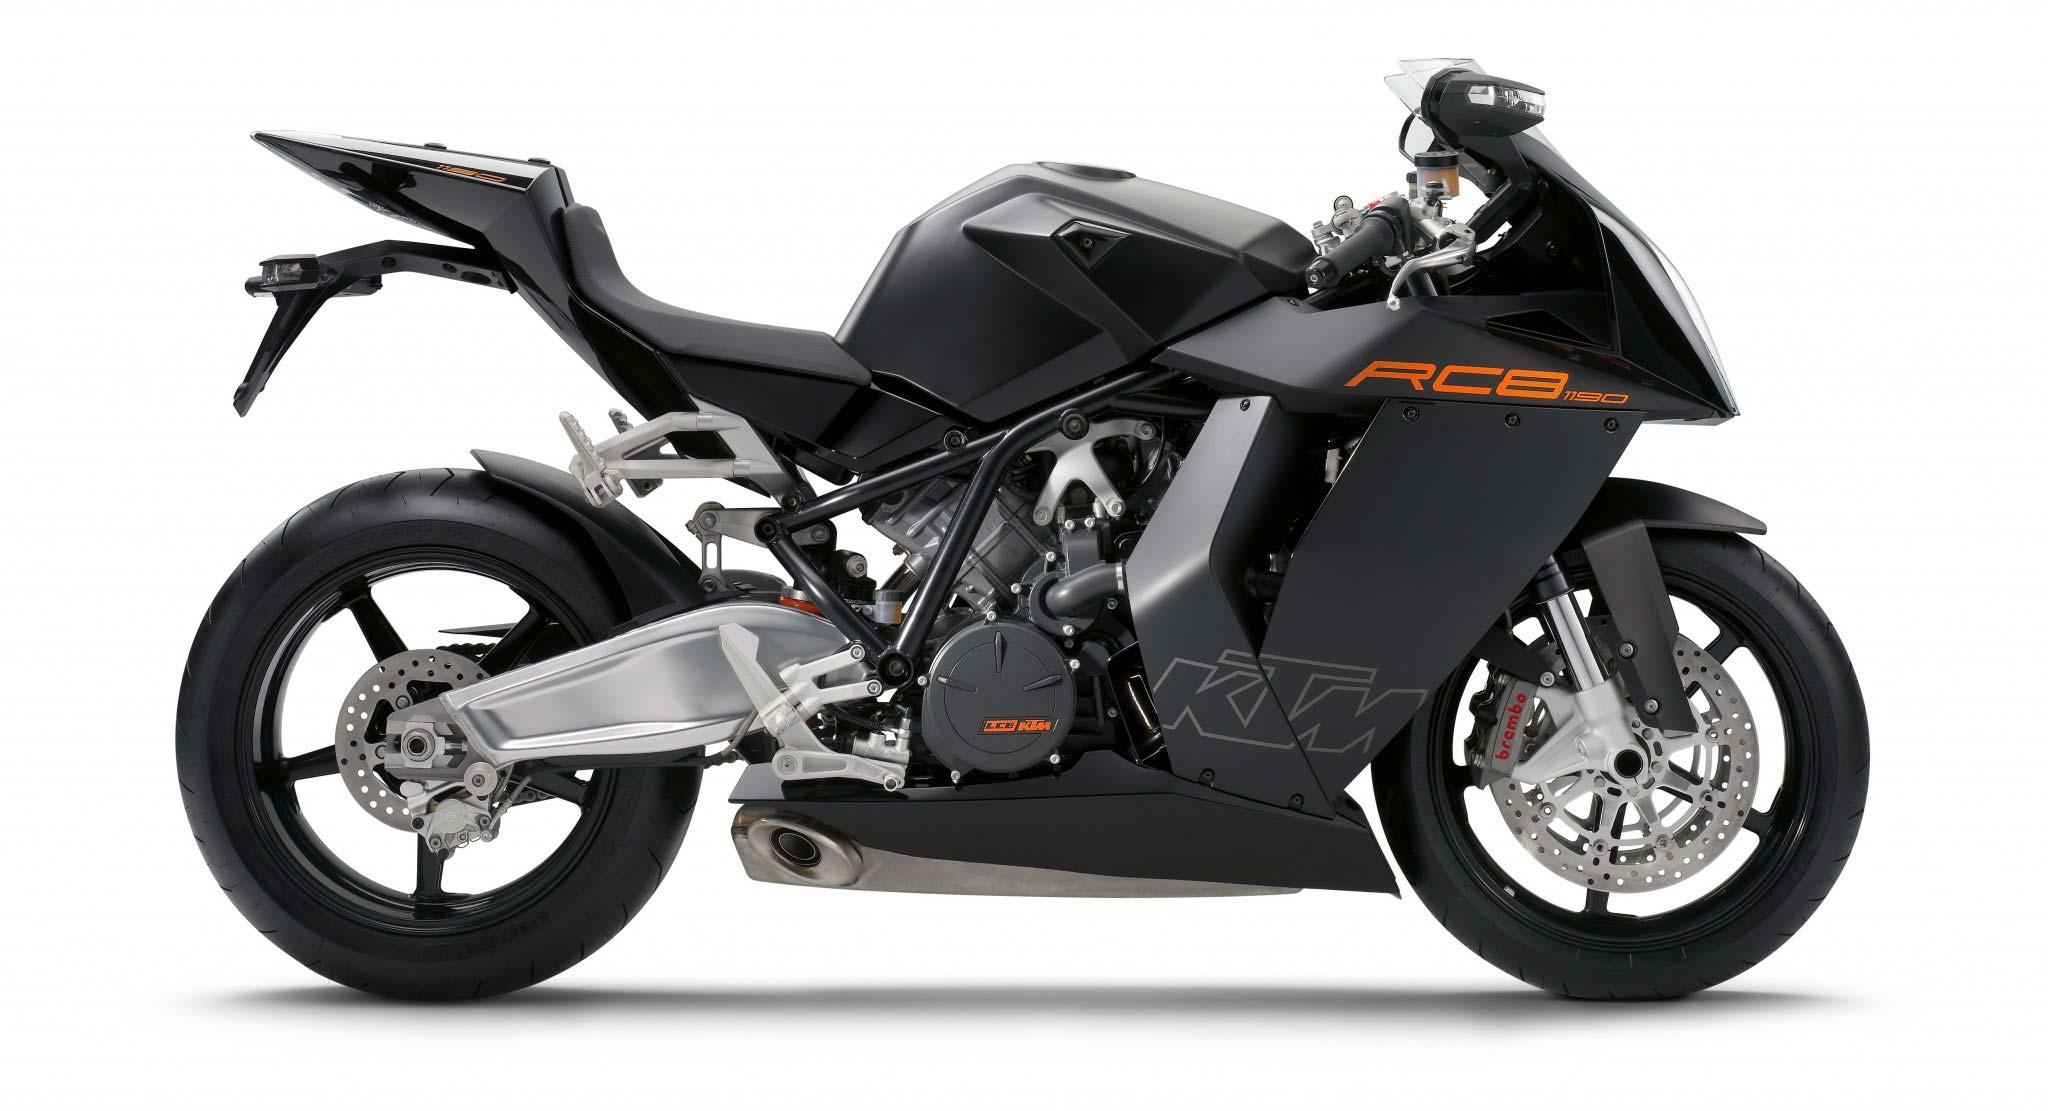 2011 KTM 1190 RC8 R Price Slashed to $16,499 - Asphalt & Rubber